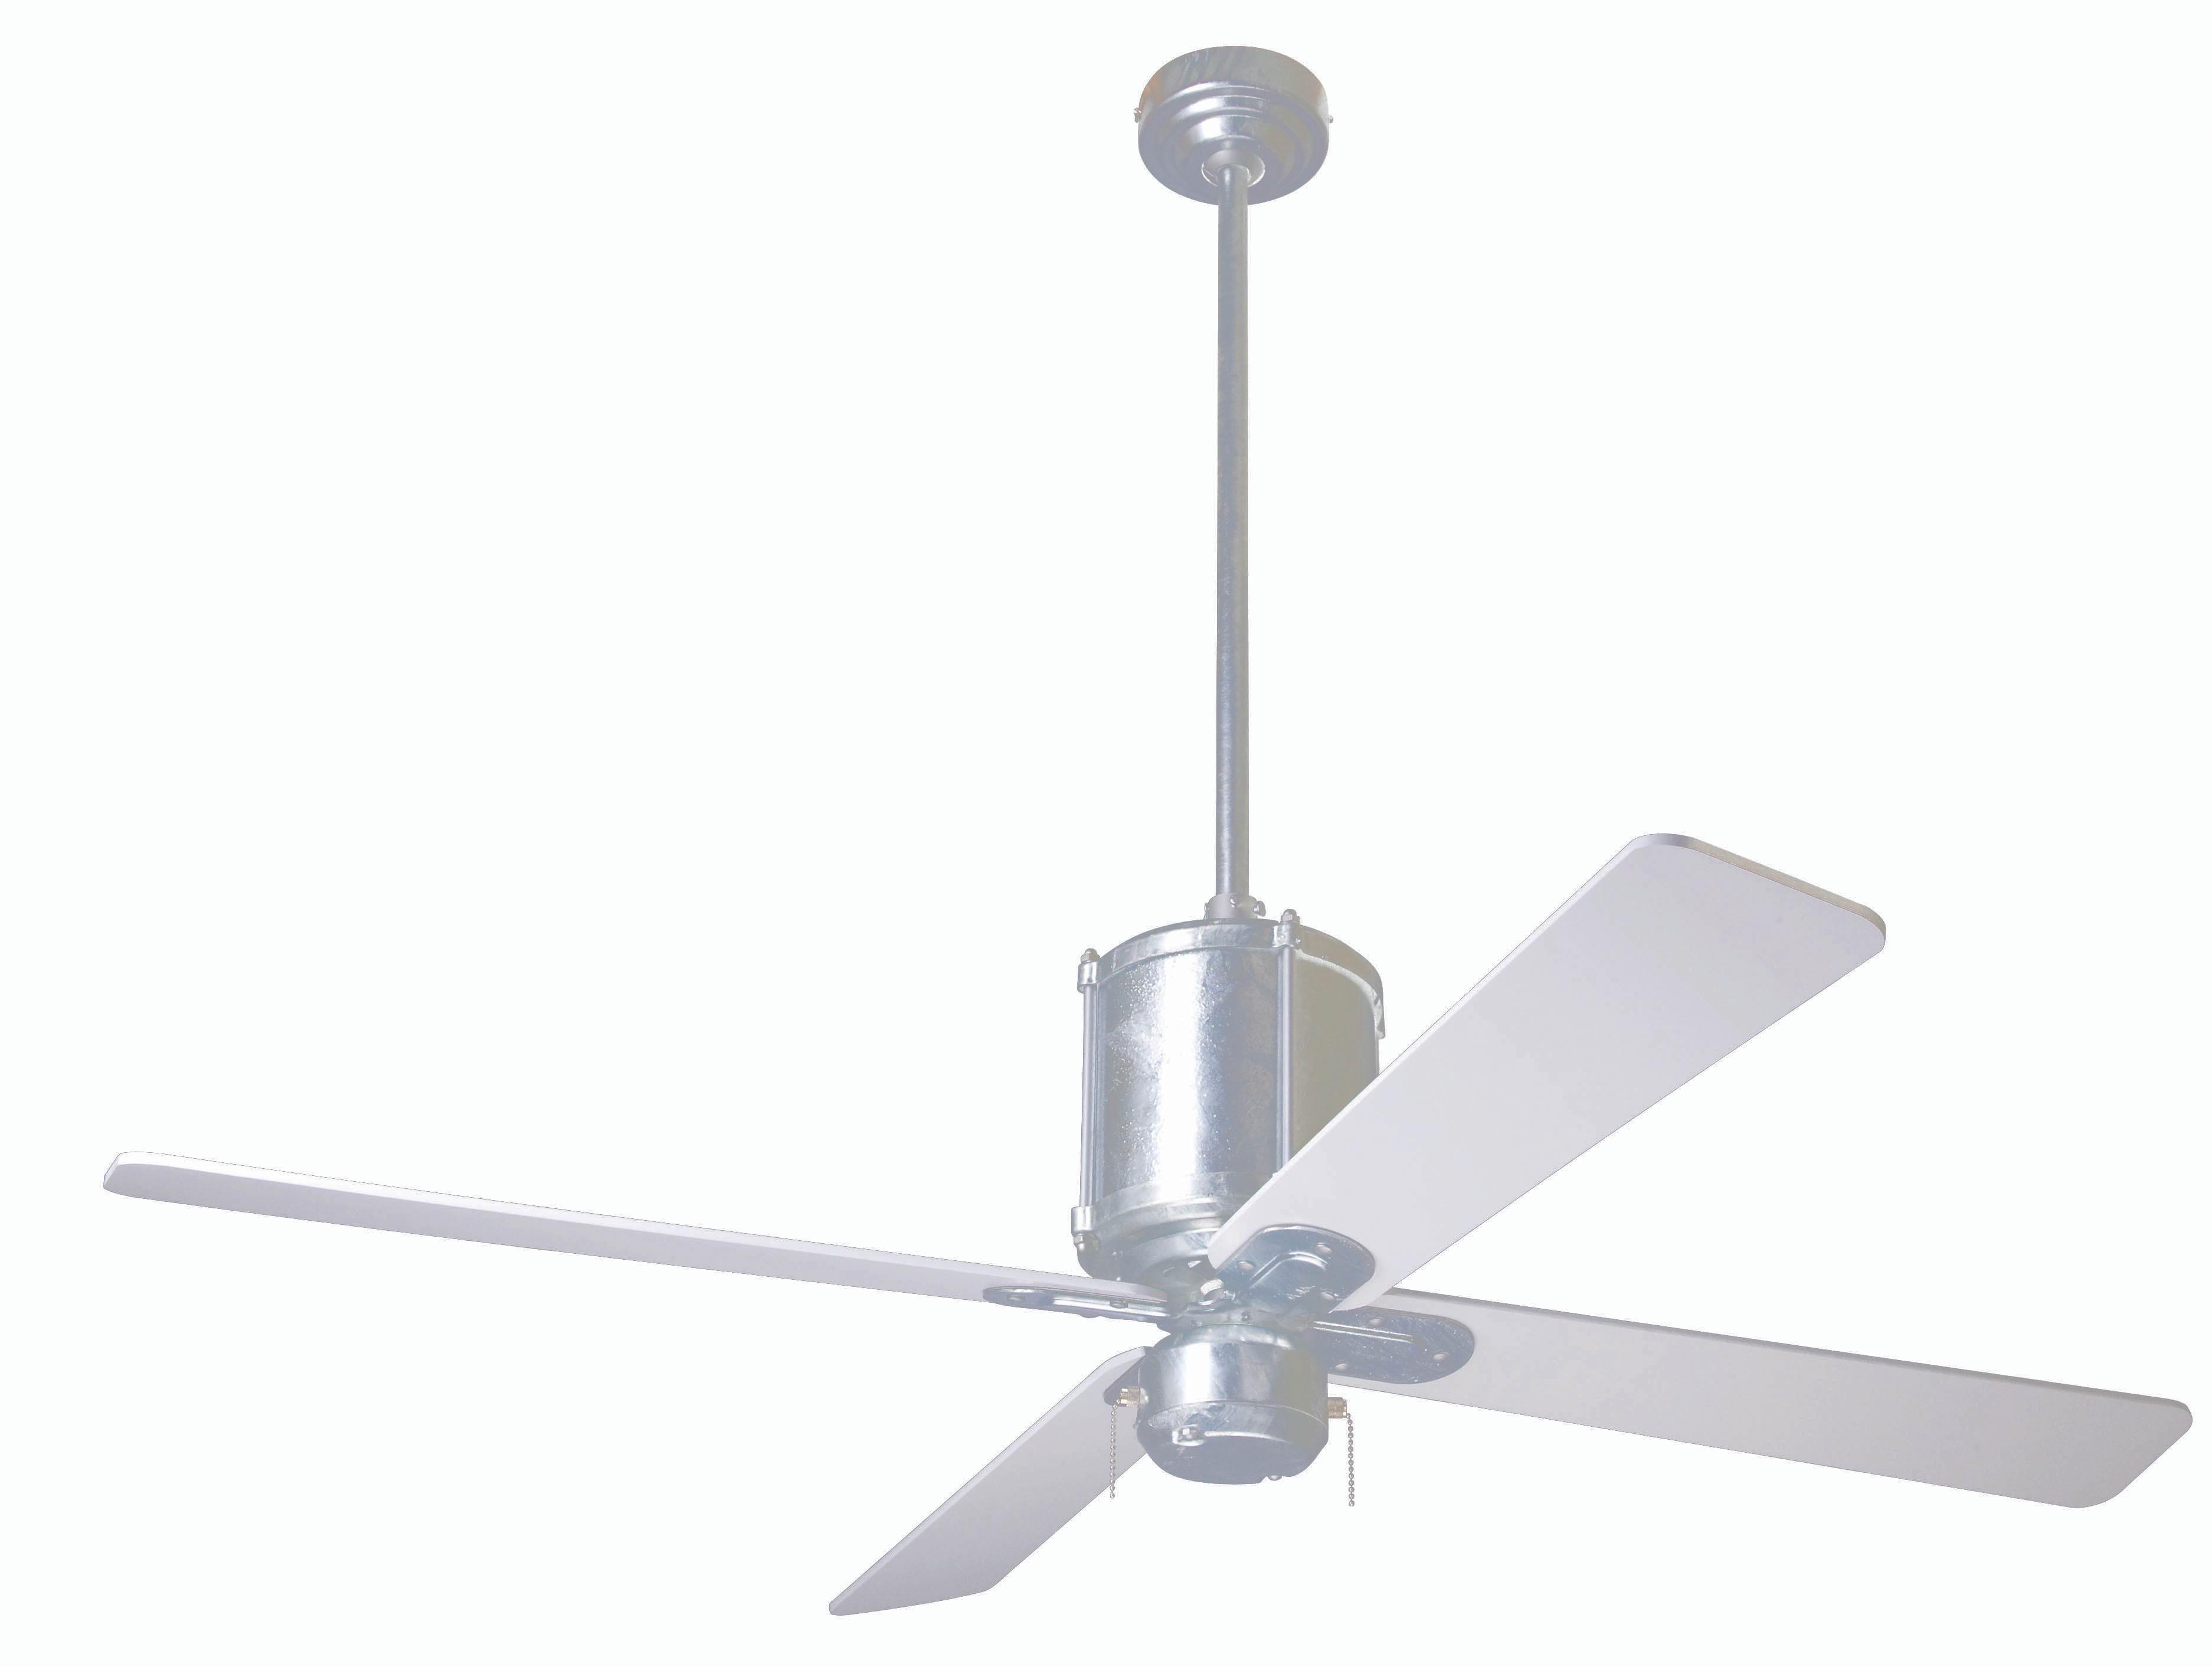 Fan pany IND GV 52 MP NL 001 Industry Galvanized Ceiling Fan